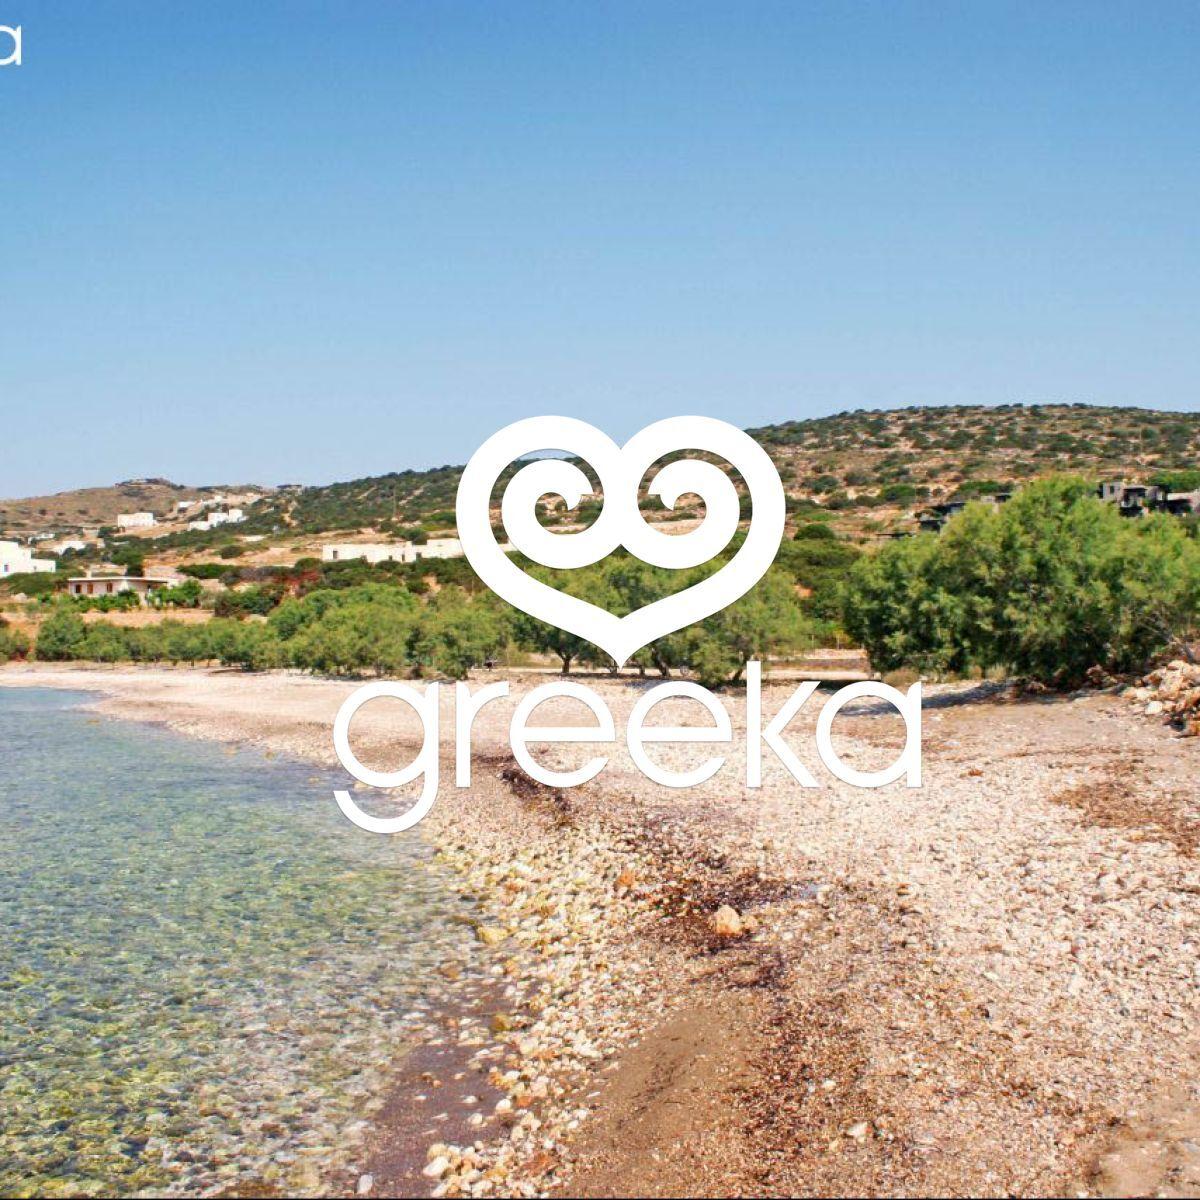 Paros Beaches: Paros Beaches - Greeka.com